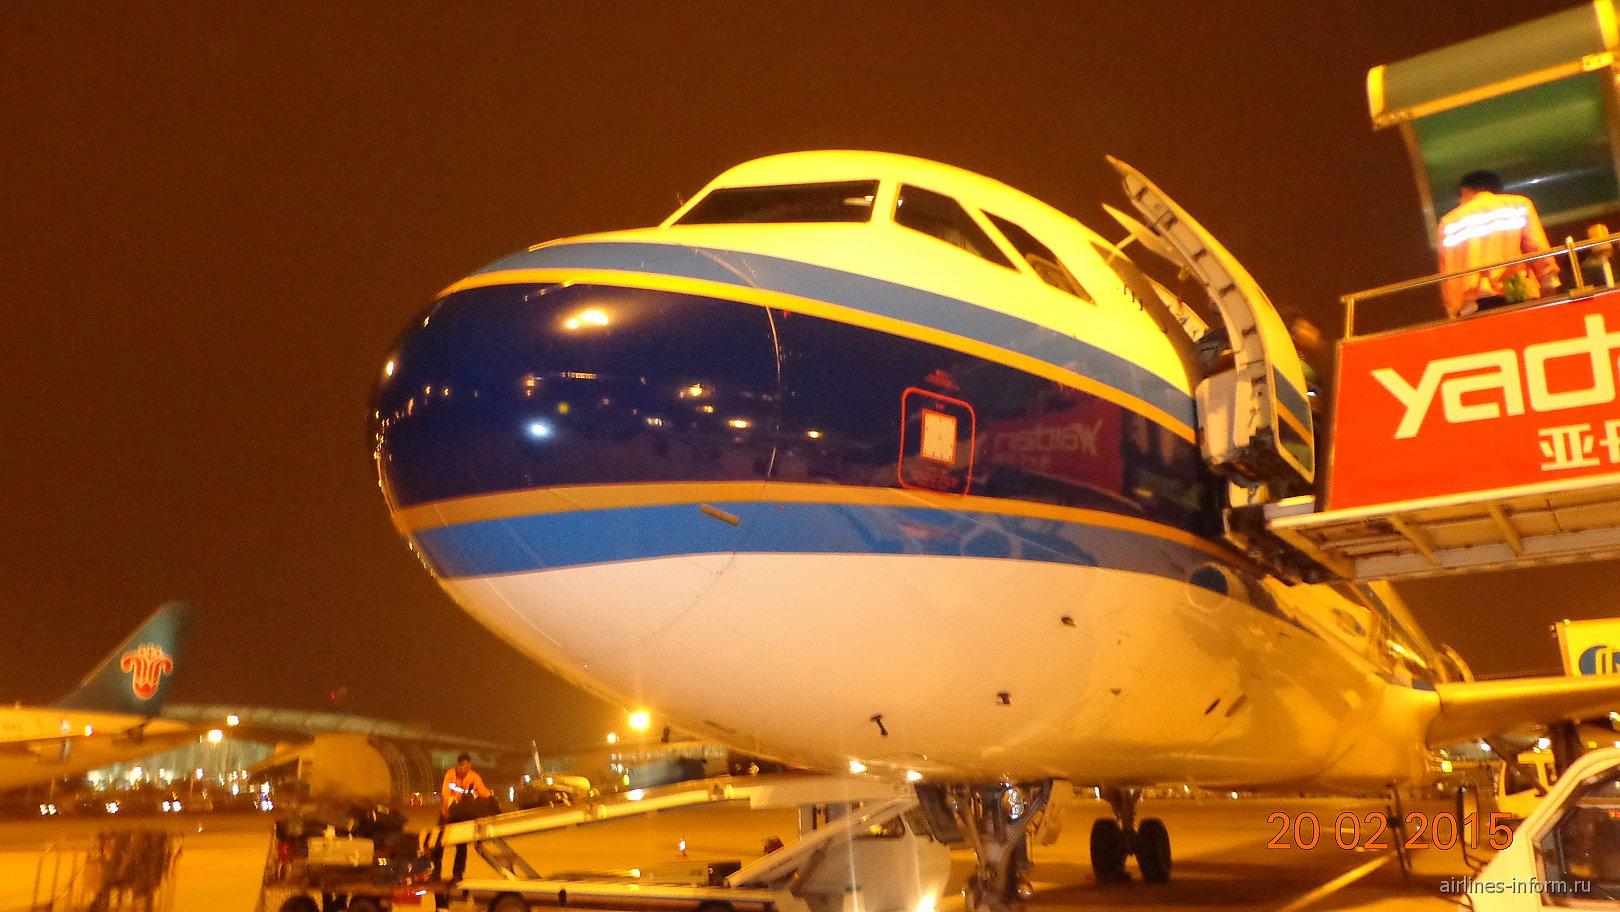 Путешествие в Камбоджу с China Southern Airlines (Китайские Южные авиалинии)